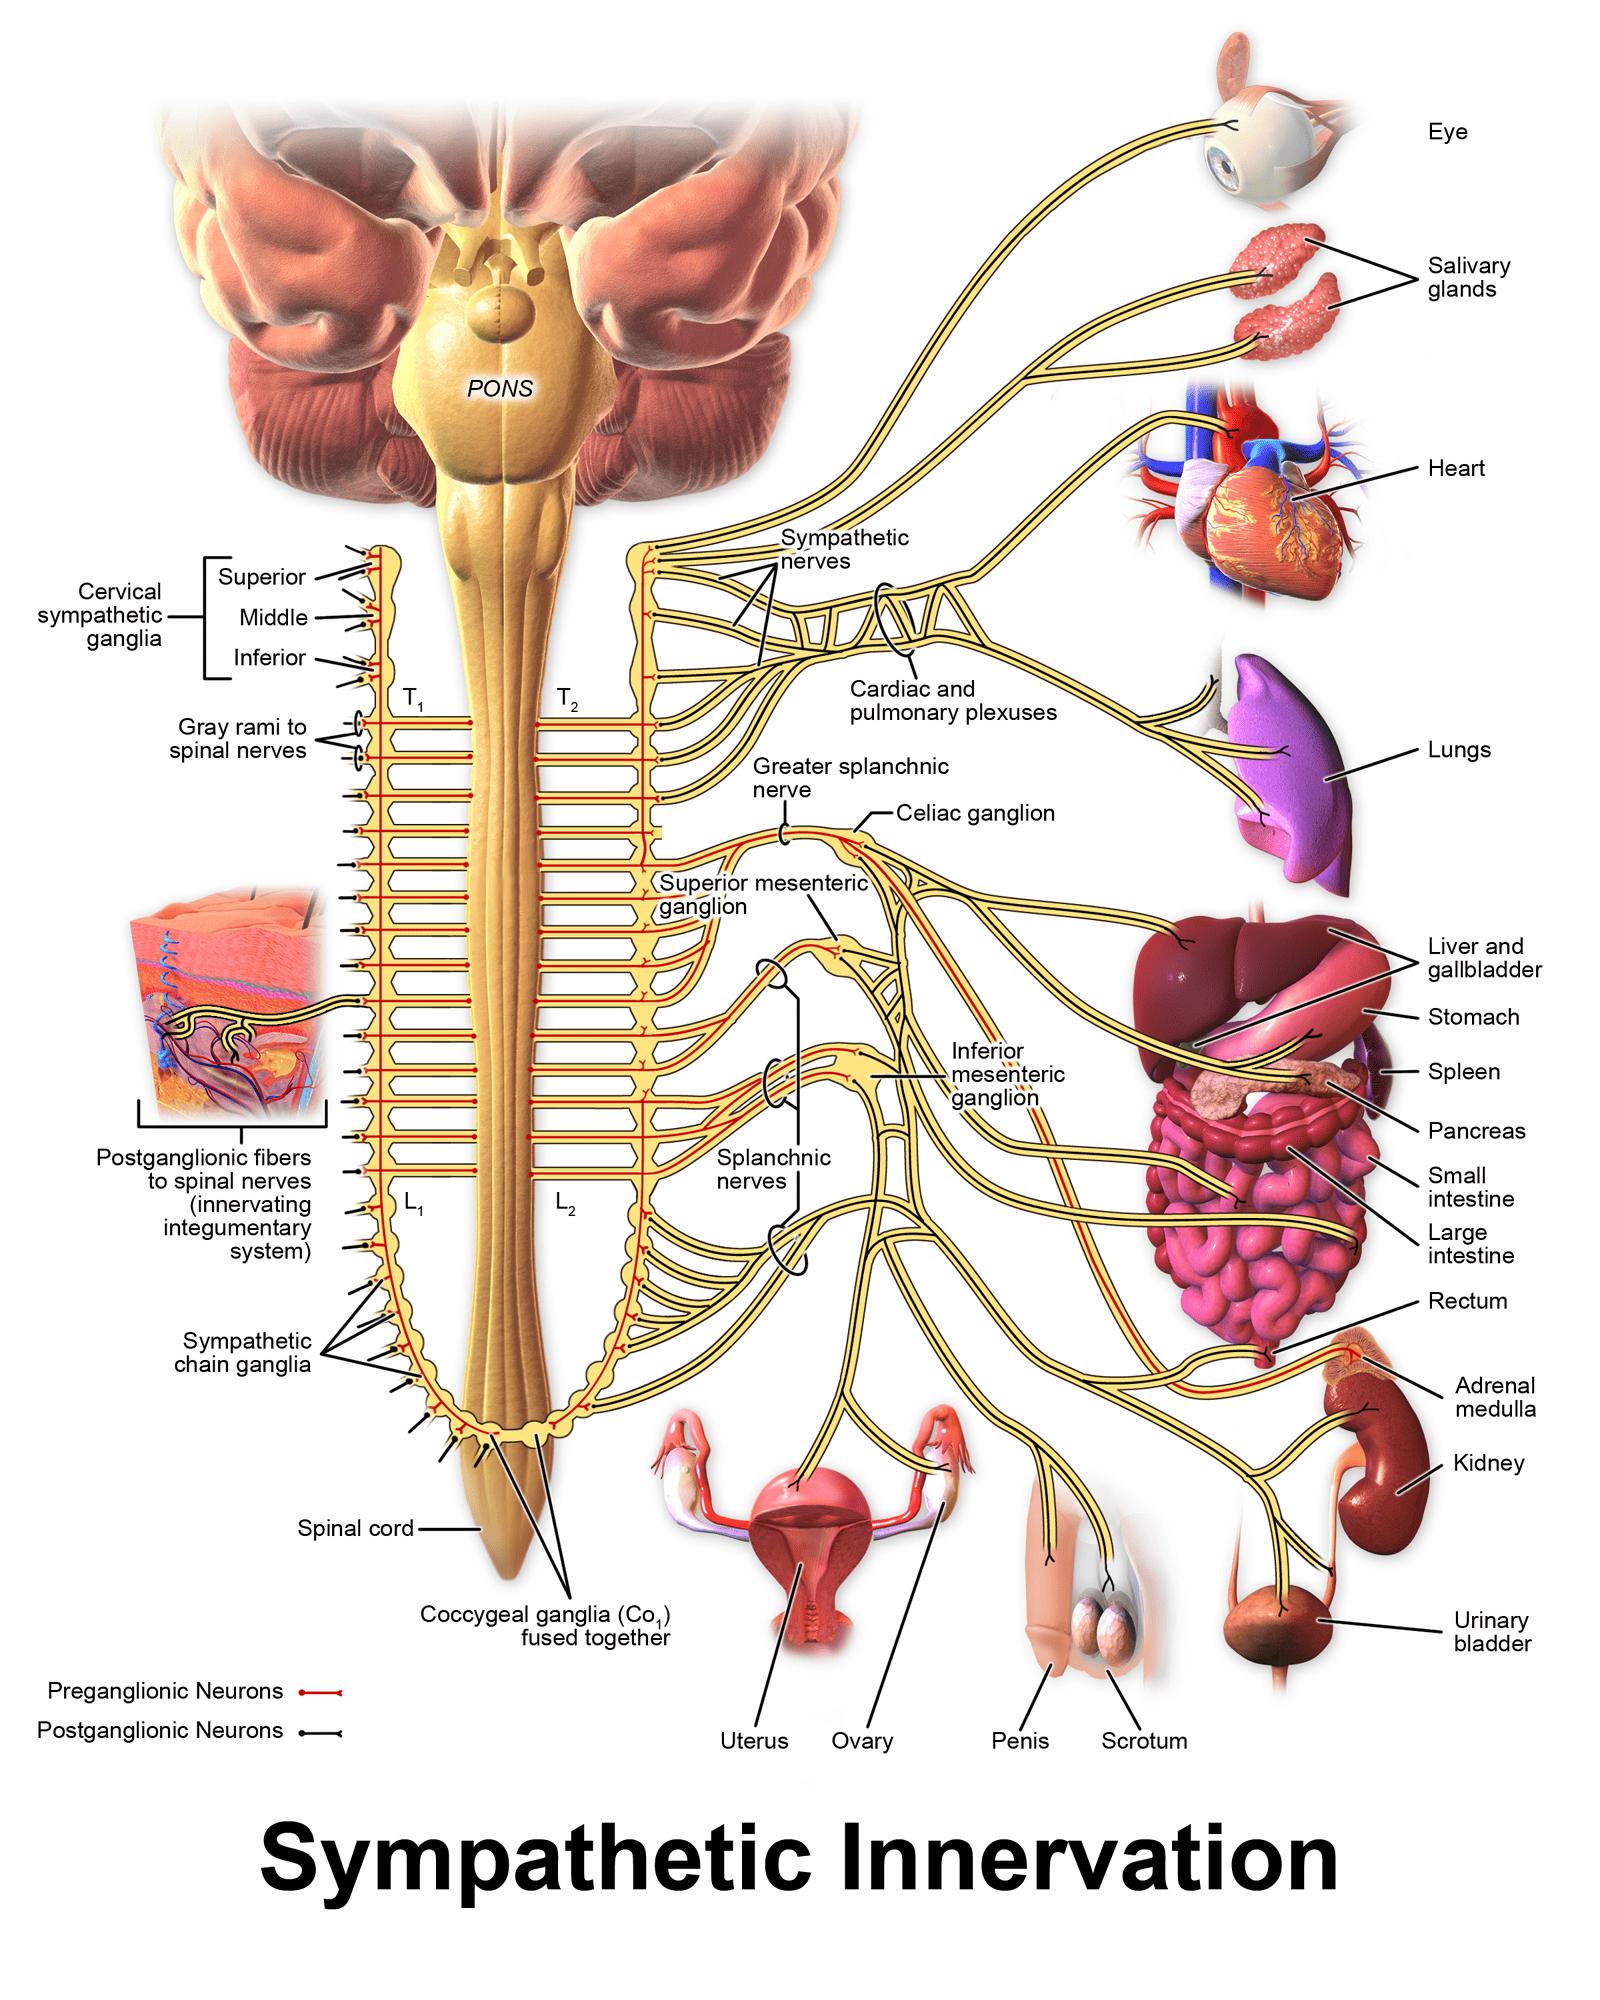 מערכת עצבים סימפטתית